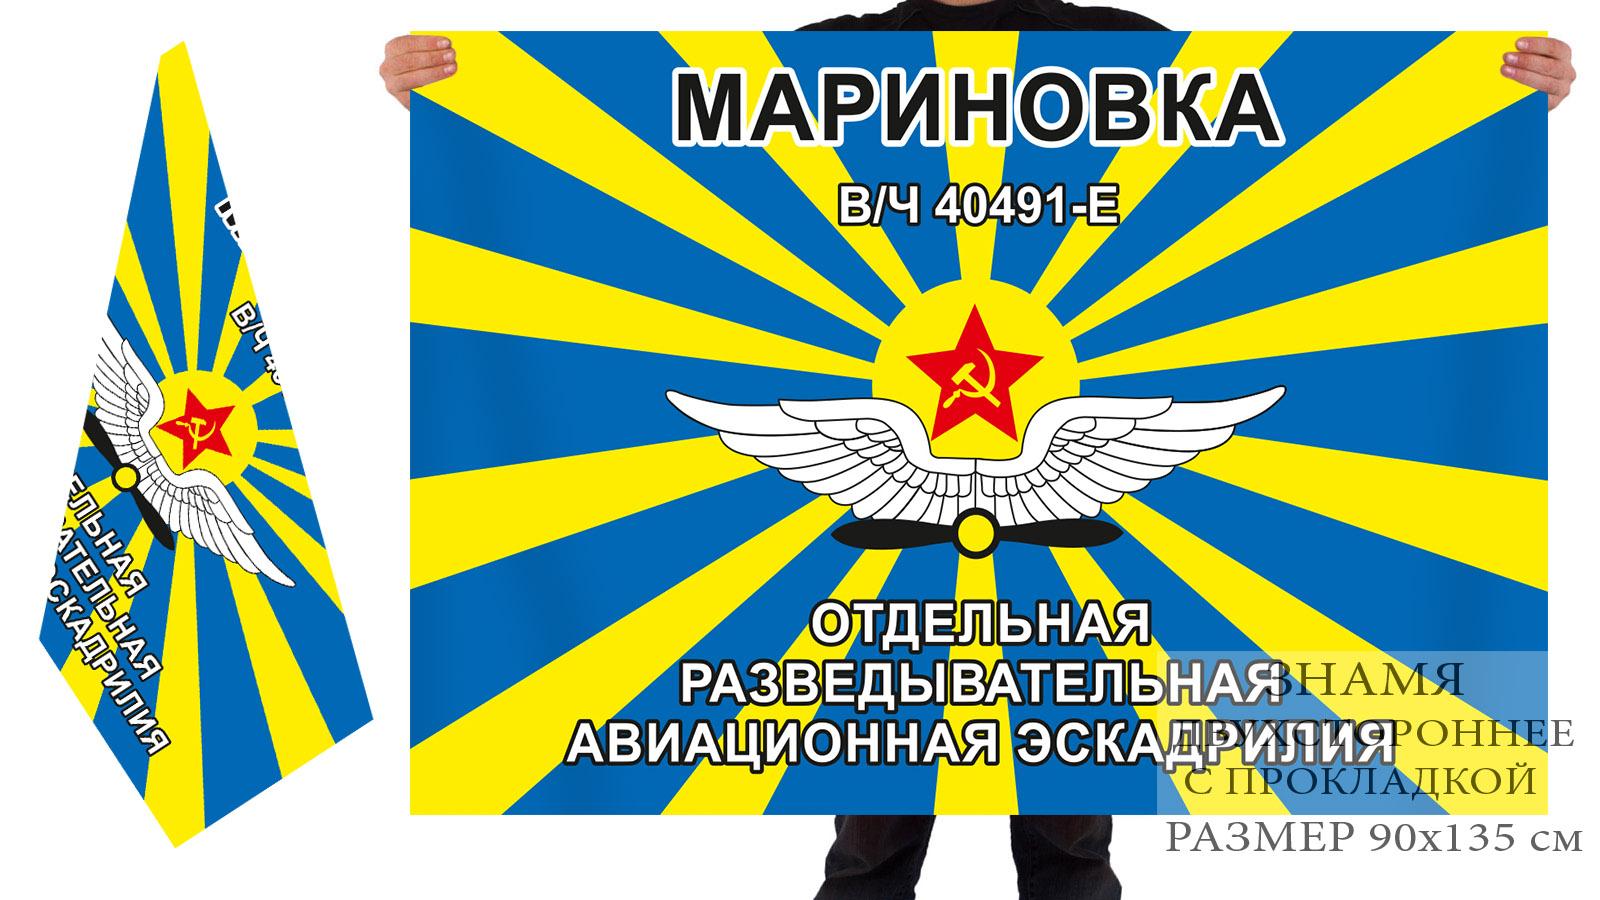 Двусторонний флаг отдельной разведывательной авиаэскадрильи Мариновка